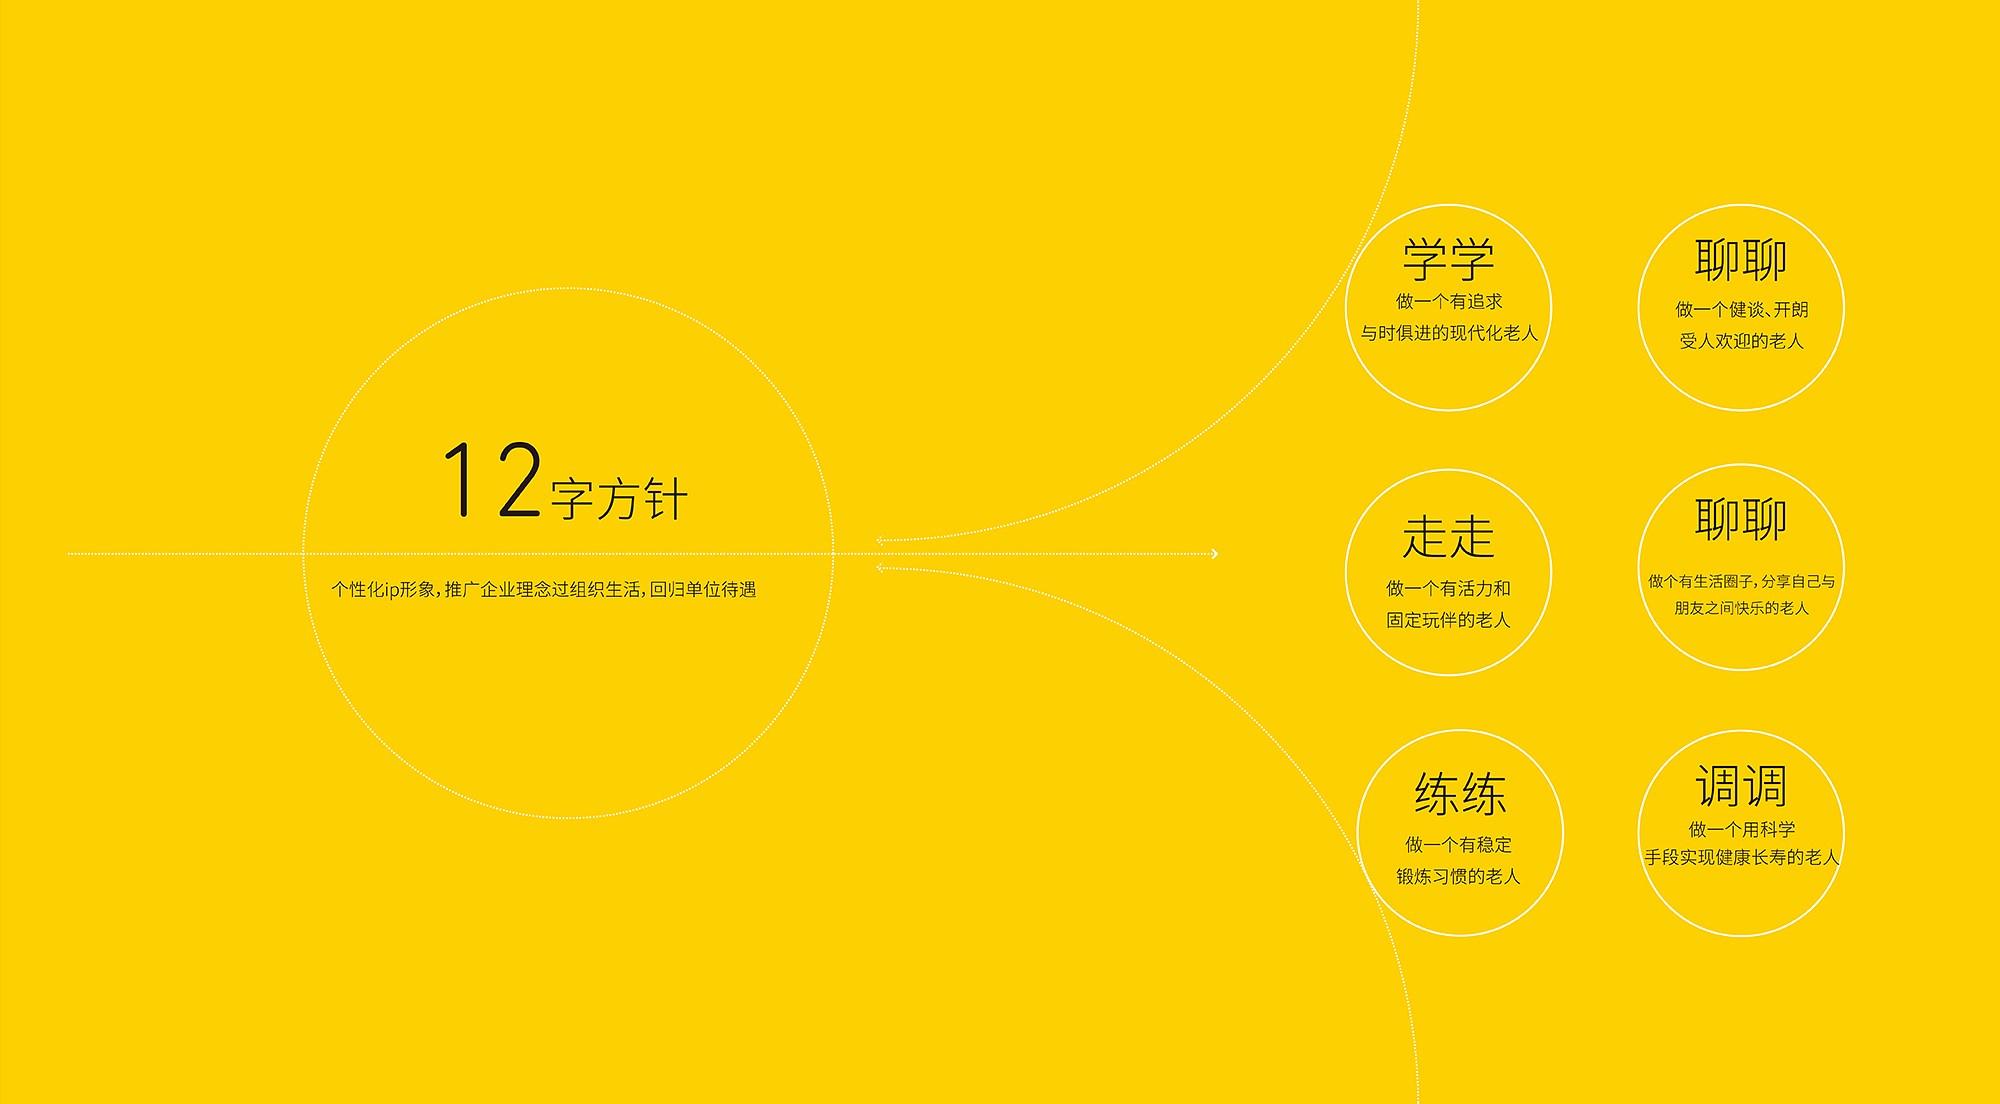 2-详情说明-02.jpg